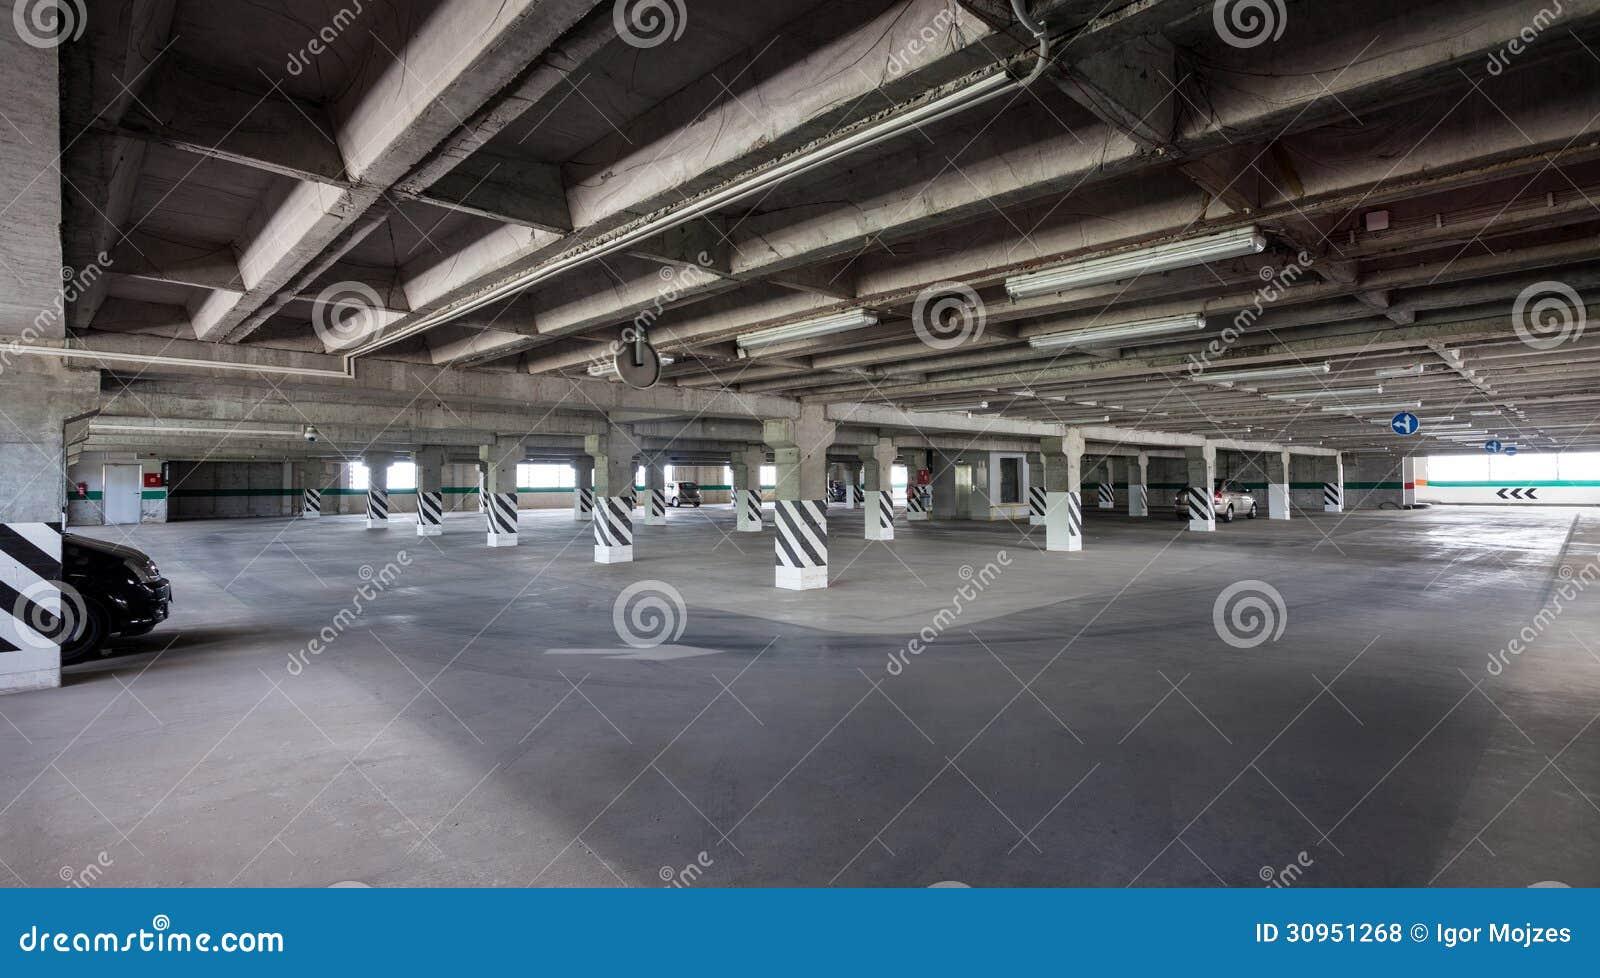 Parking Interior Underground Garage Stock Photo Image